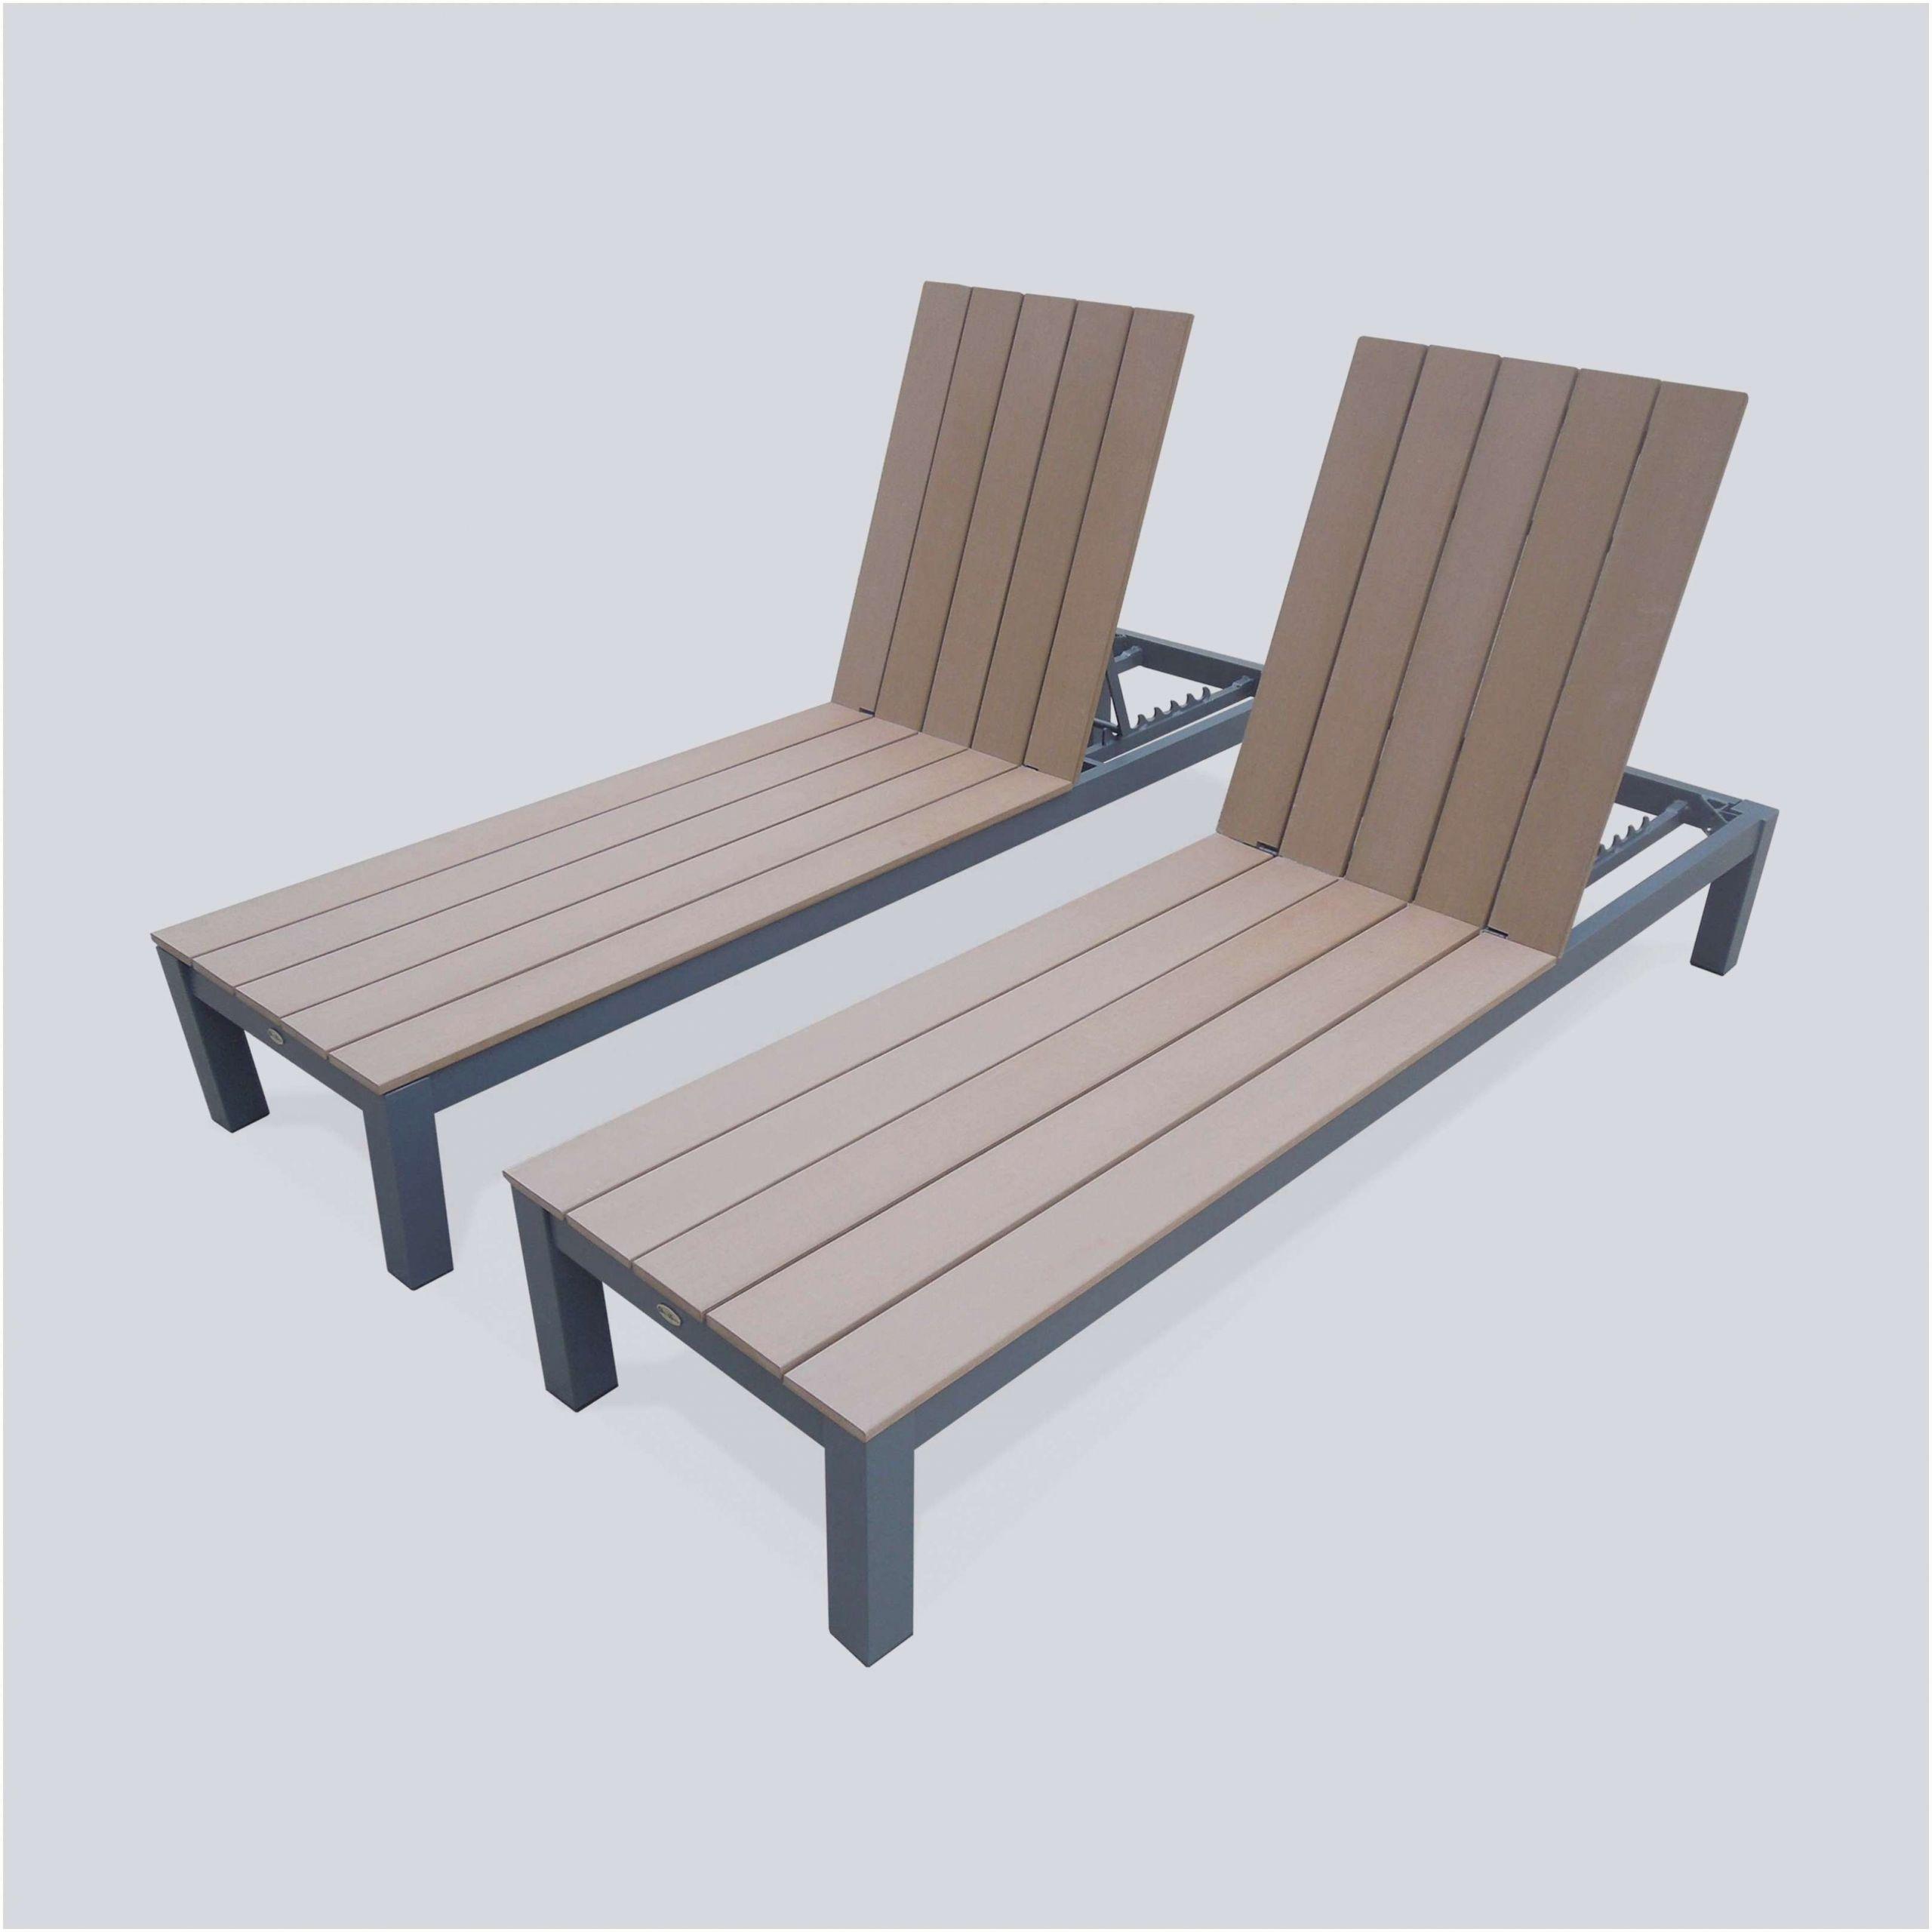 fauteuil en palette plan nouveau inspire maha de chaise longue bois mahagranda de home pour de fauteuil en palette plan scaled